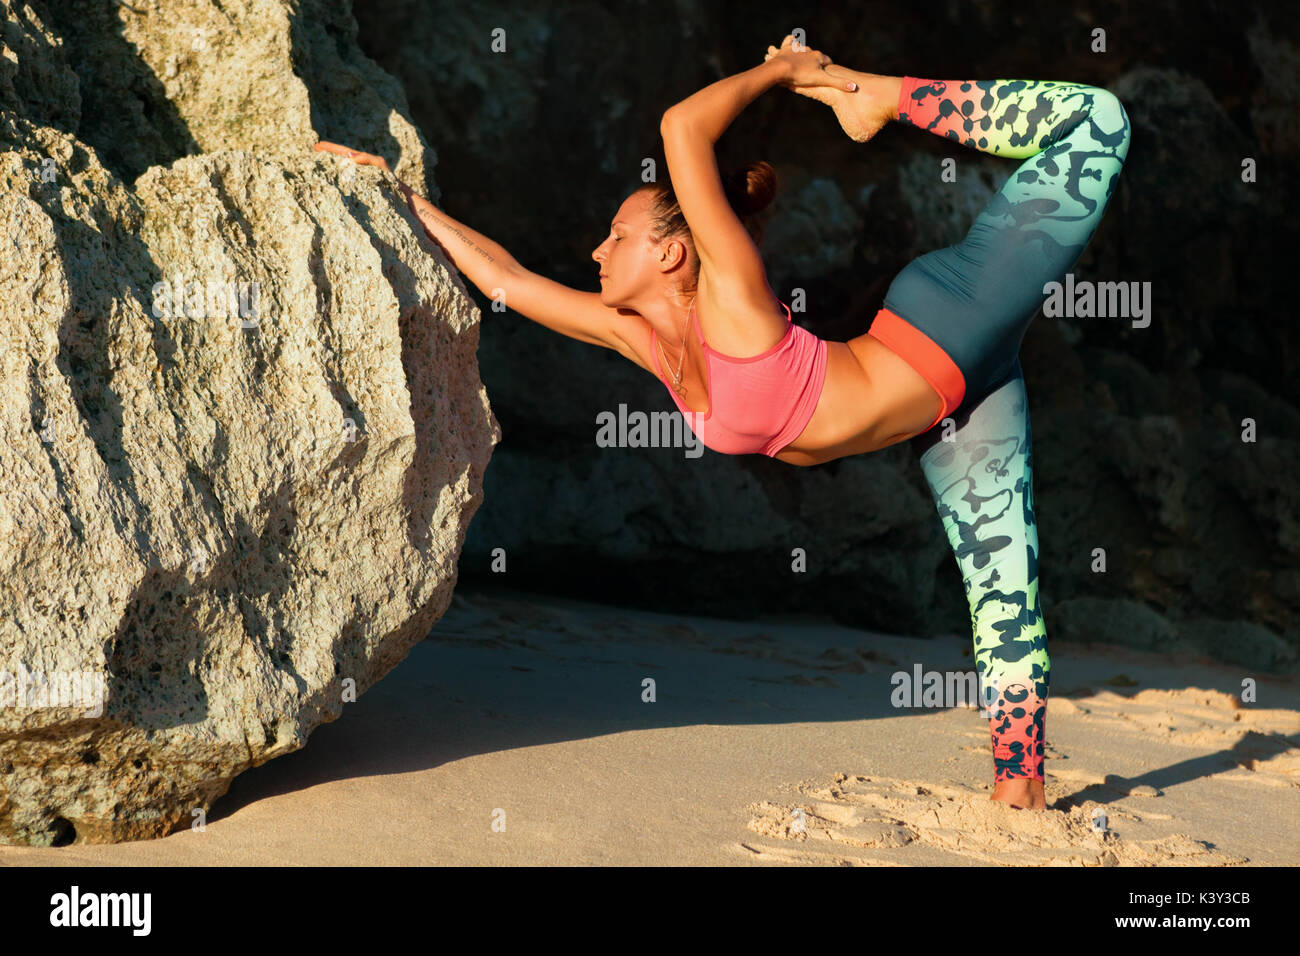 Meditación sobre la roca de fondo. Joven mujer activa de pie en pose de yoga en la playa rock, estiramiento para mantenerse en forma y salud. Estilo de vida saludable, fitness. Imagen De Stock